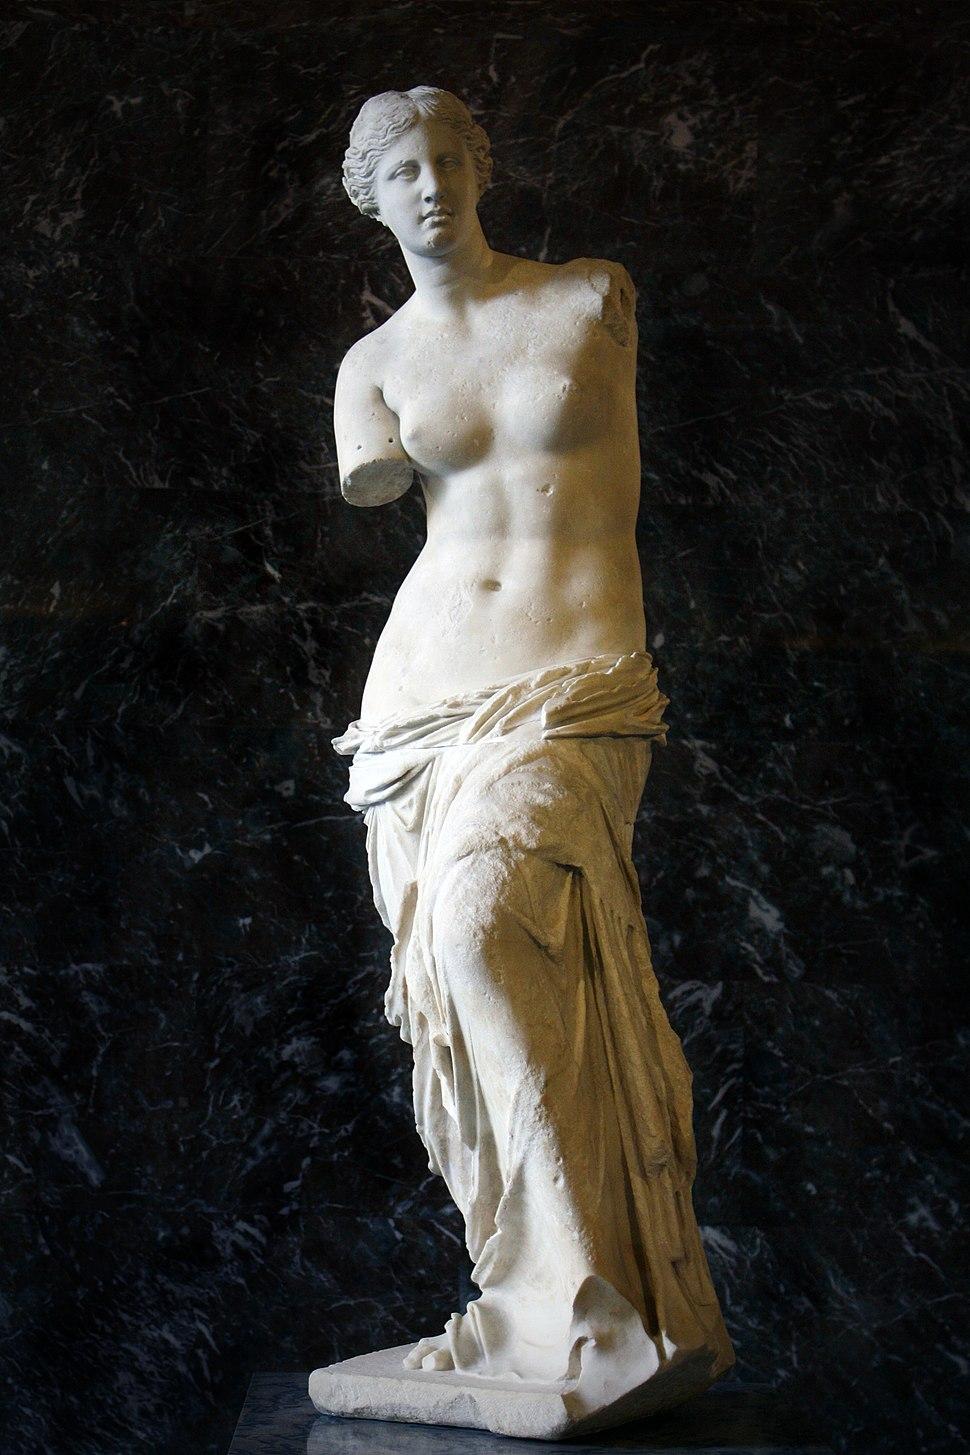 MG-Paris-Aphrodite of Milos edited